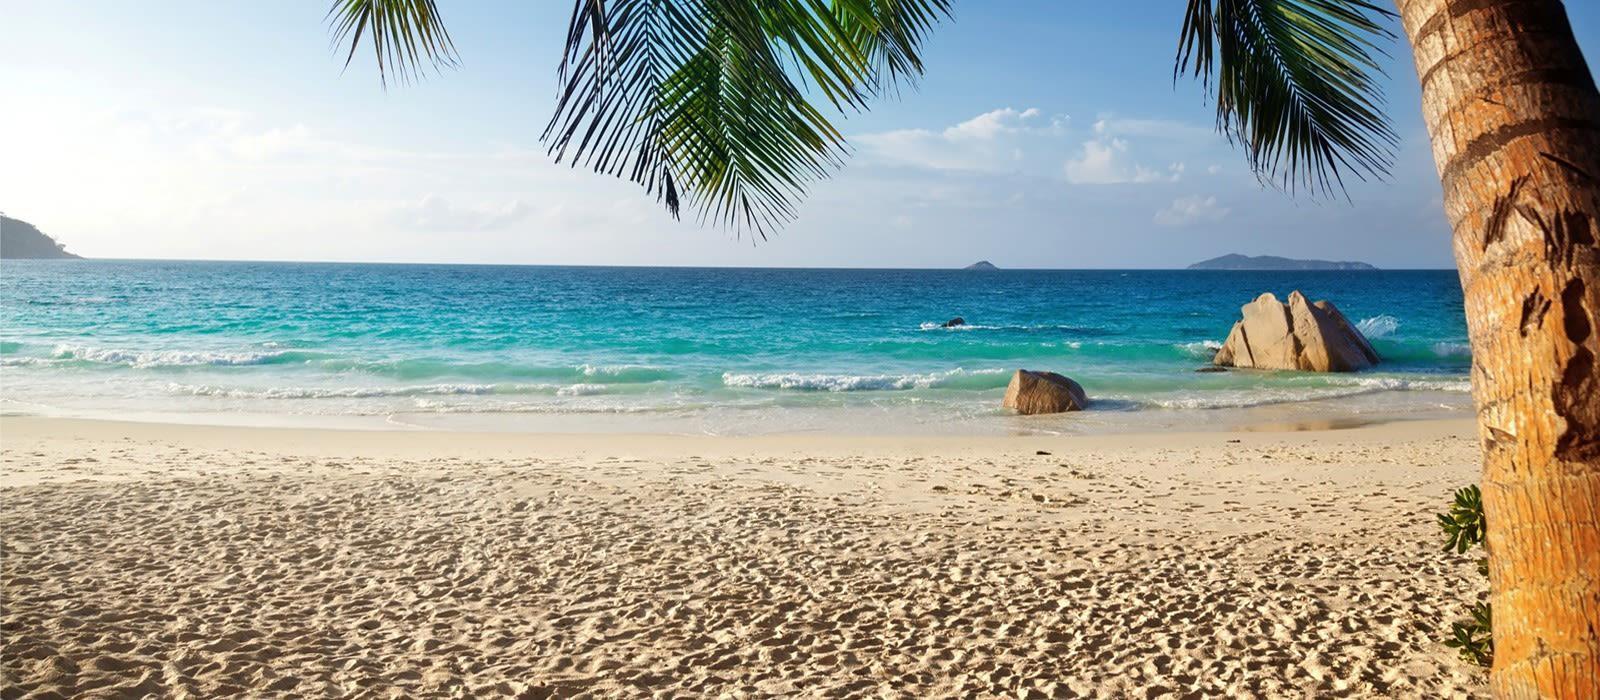 Turquoise water beach, Goa, India, Asia